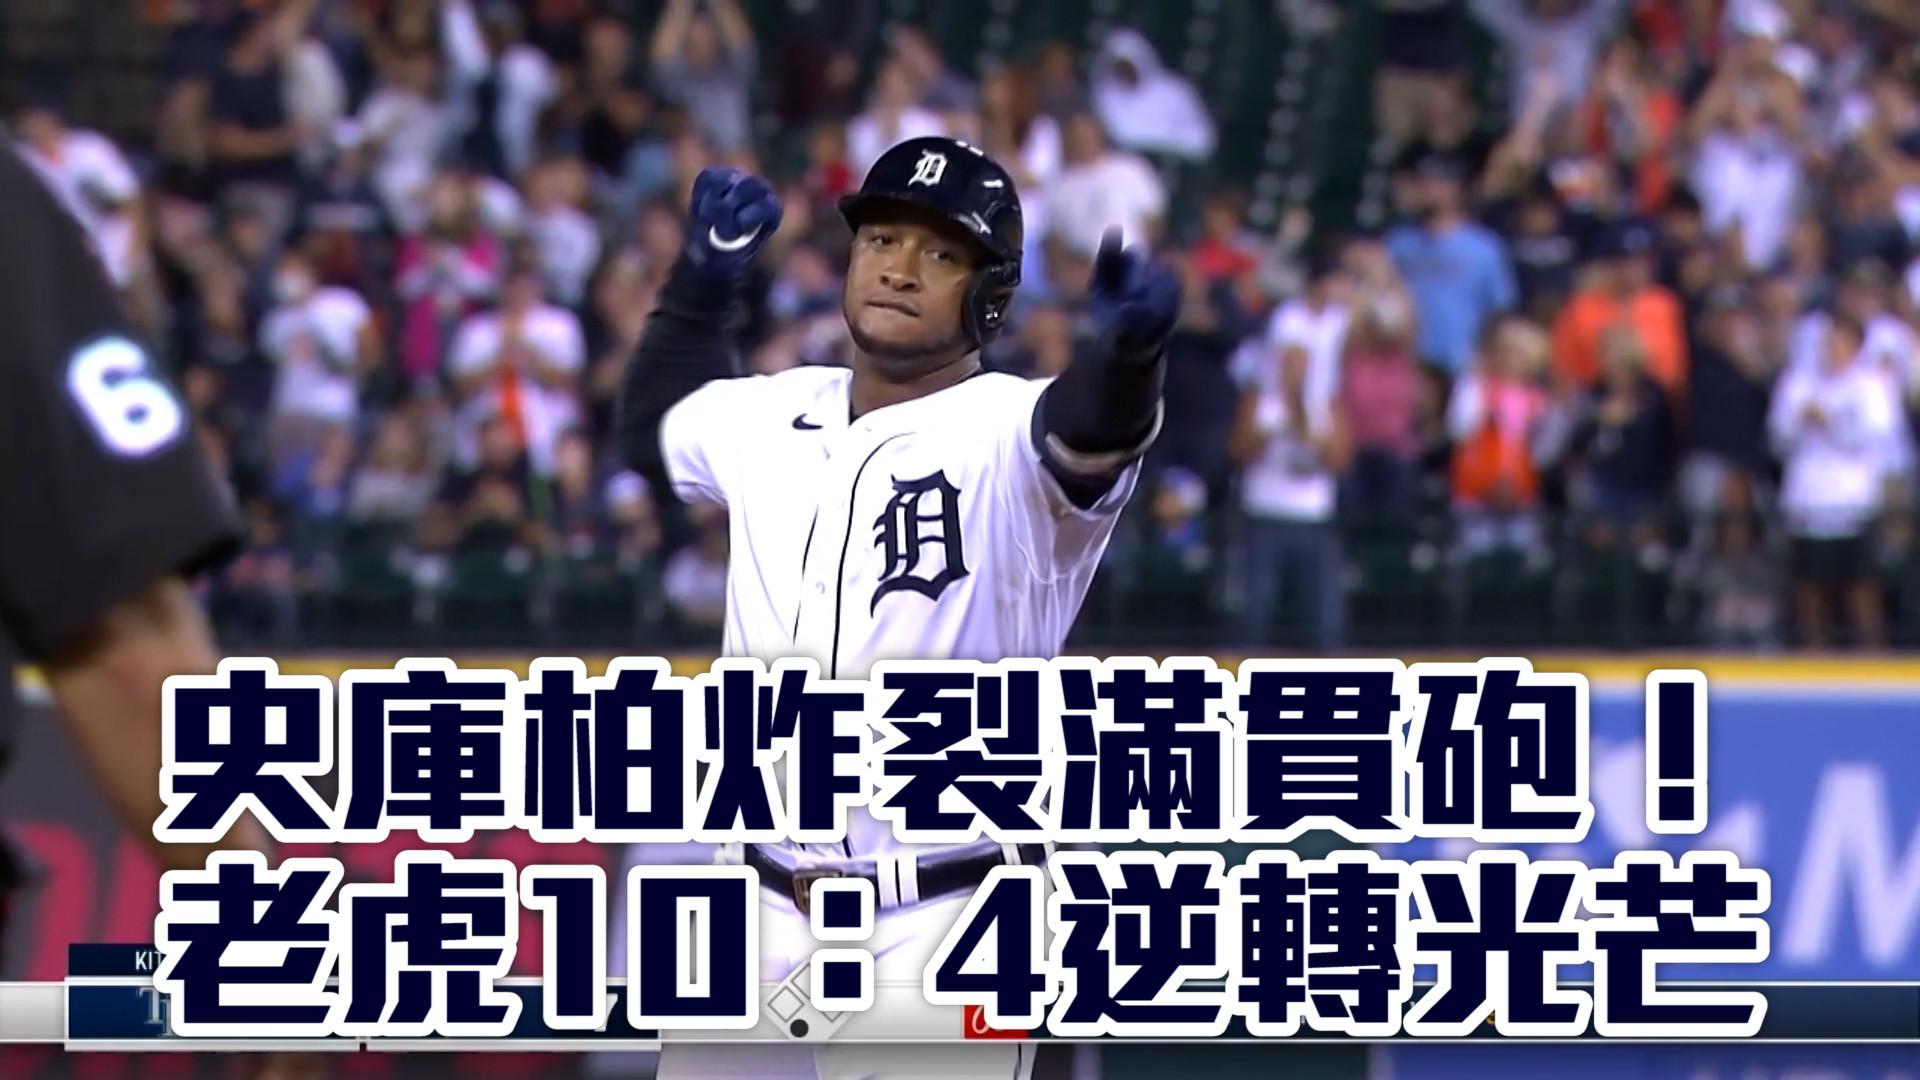 【MLB看愛爾達】史庫柏炸裂滿貫砲!老虎10:4逆轉光芒 09/11